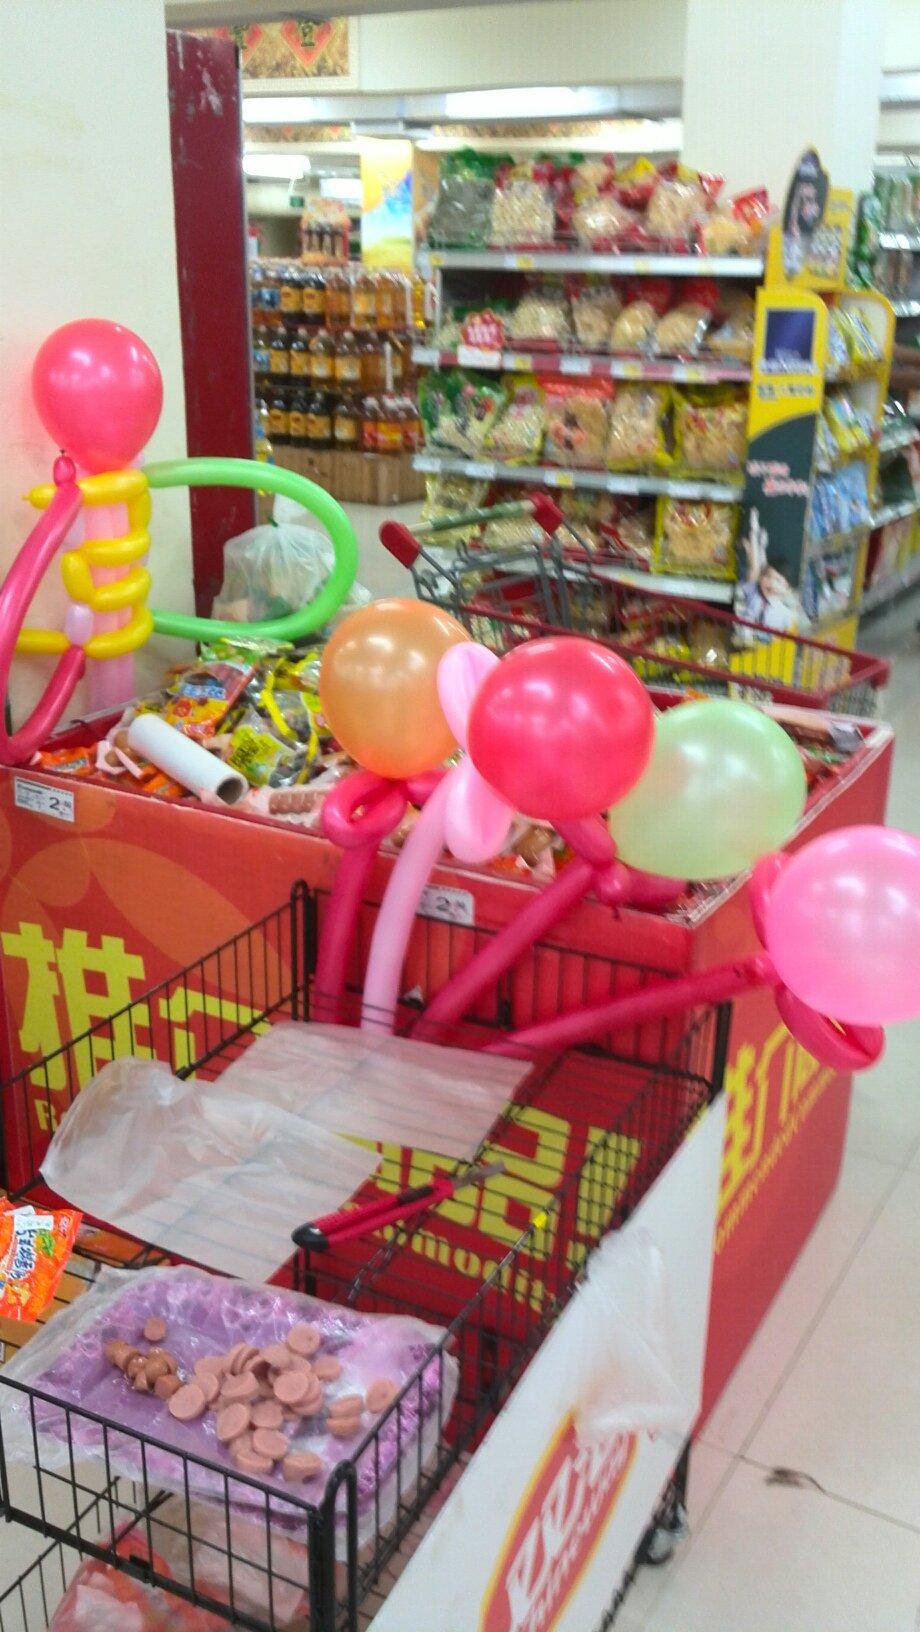 超市阿姨好有爱啊,我和我的小伙伴惊呆了